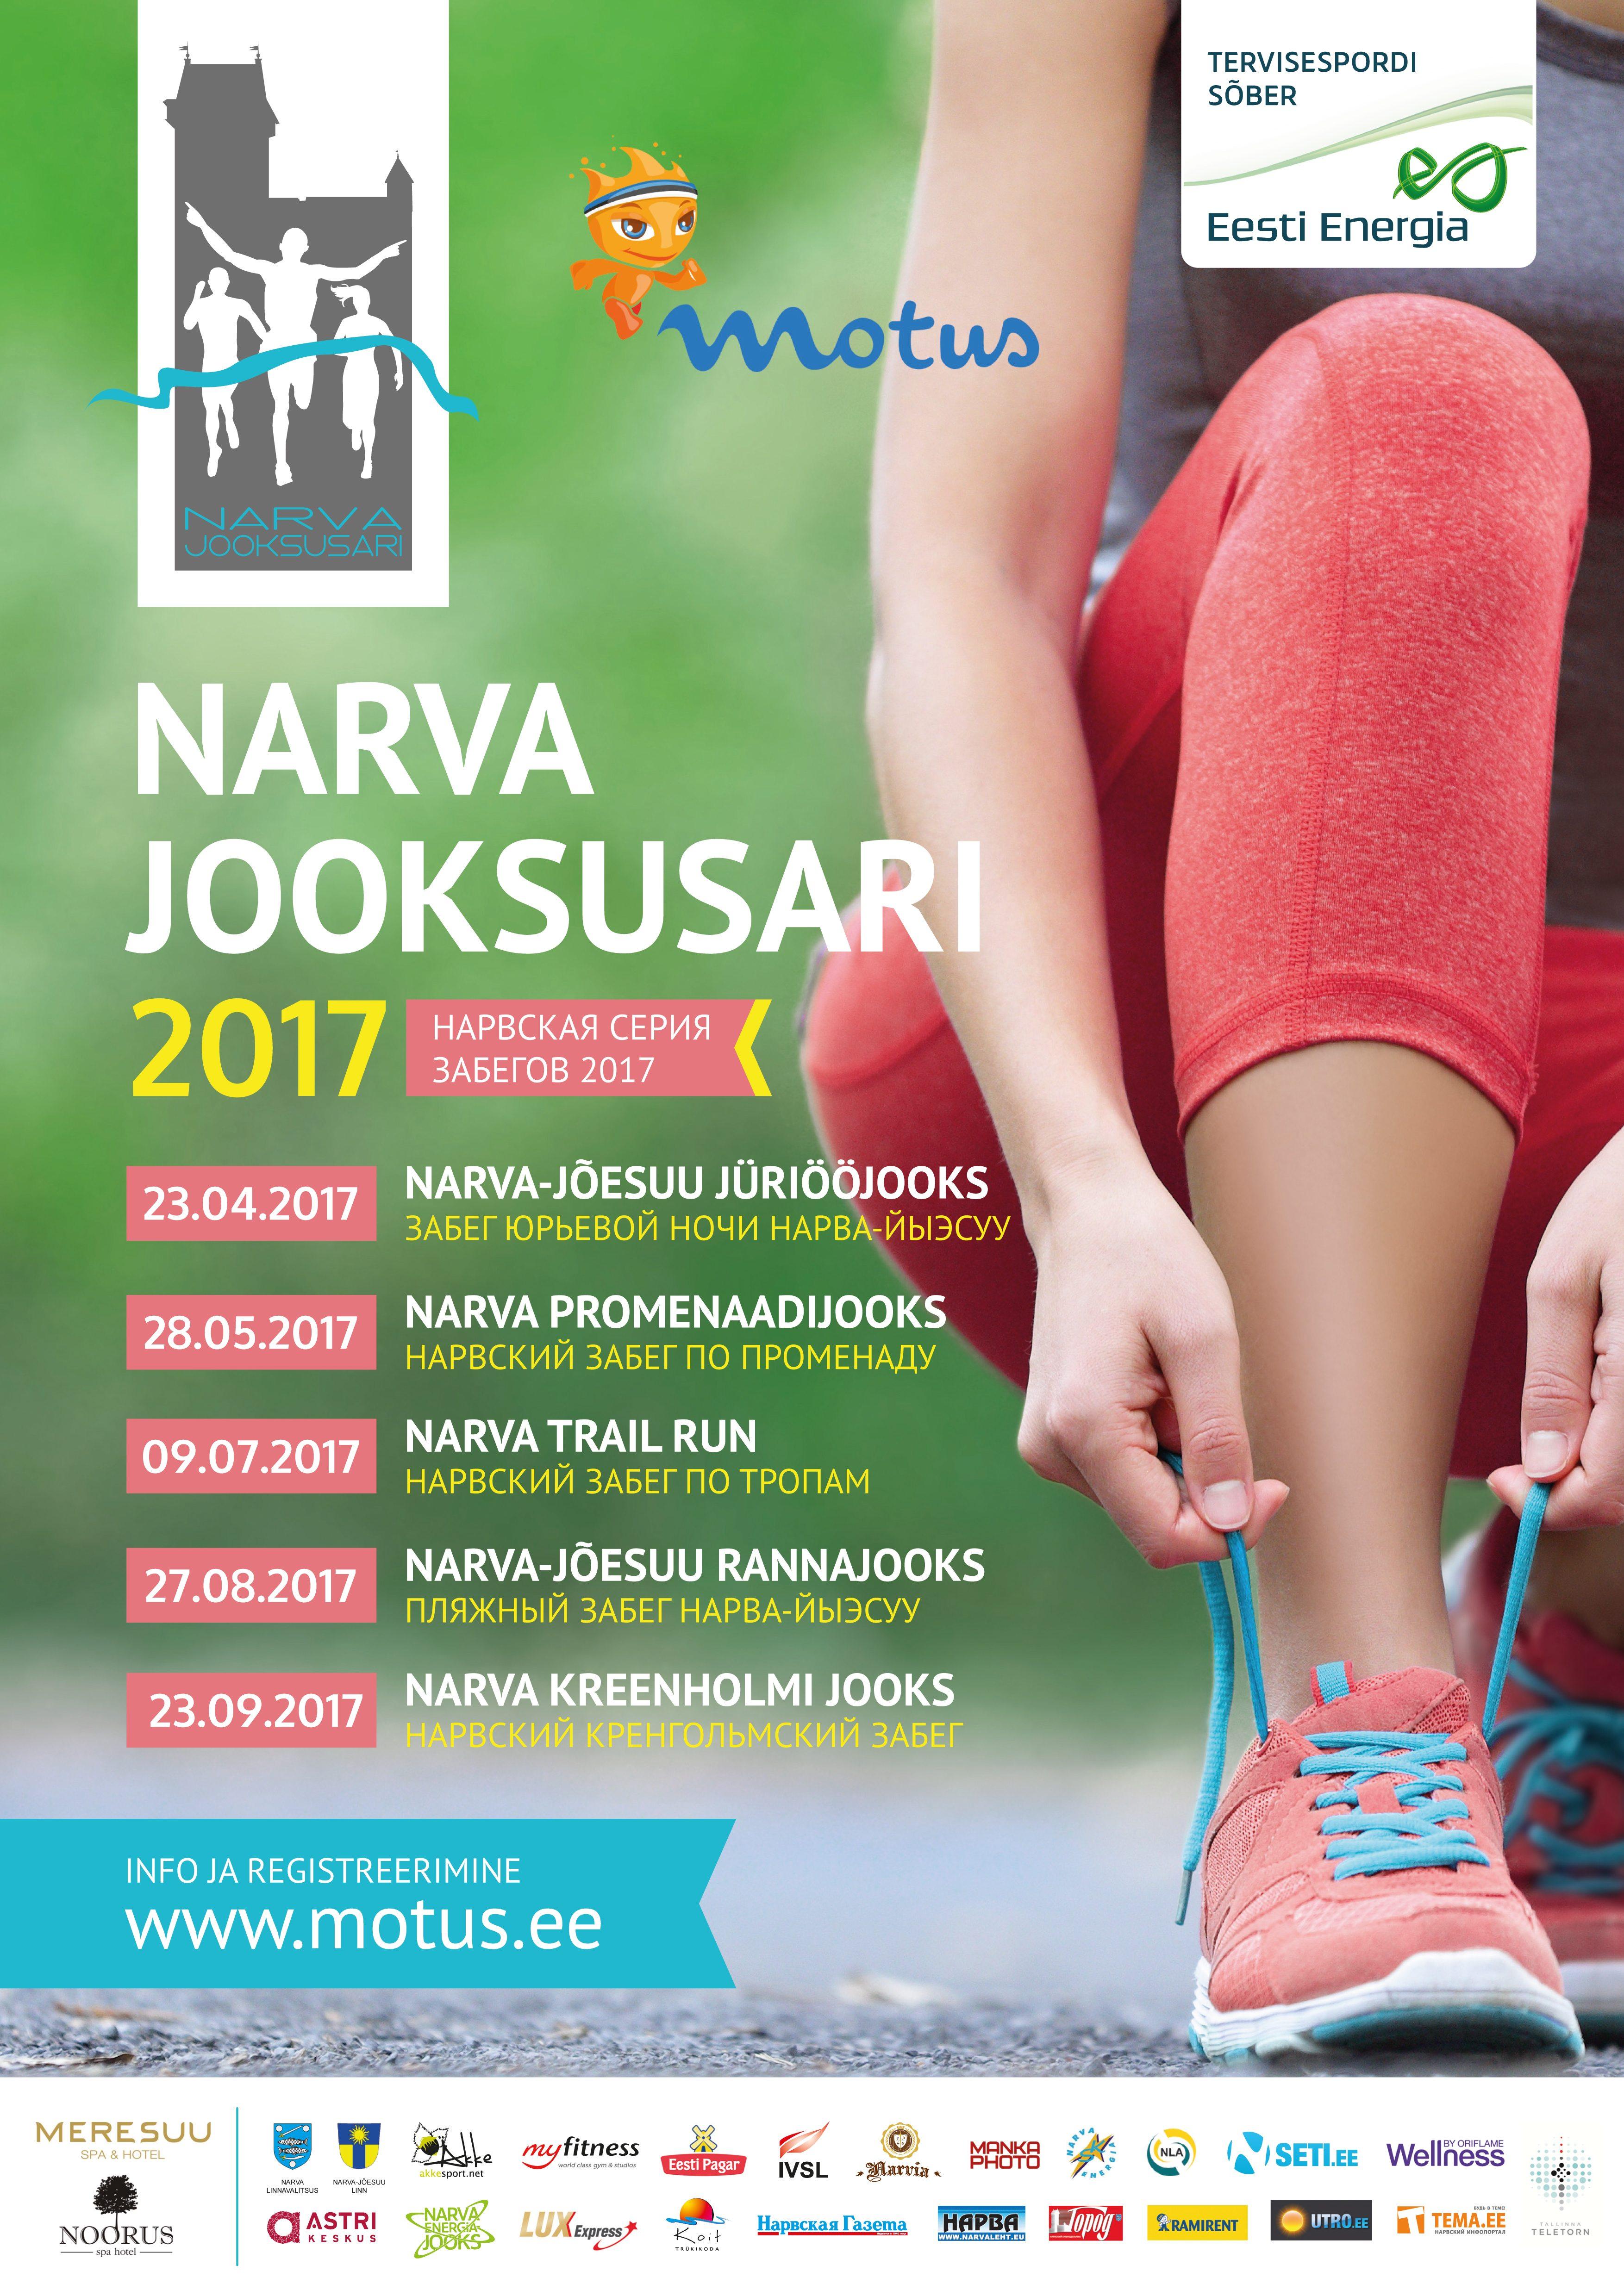 Narva Jooksusari 2017